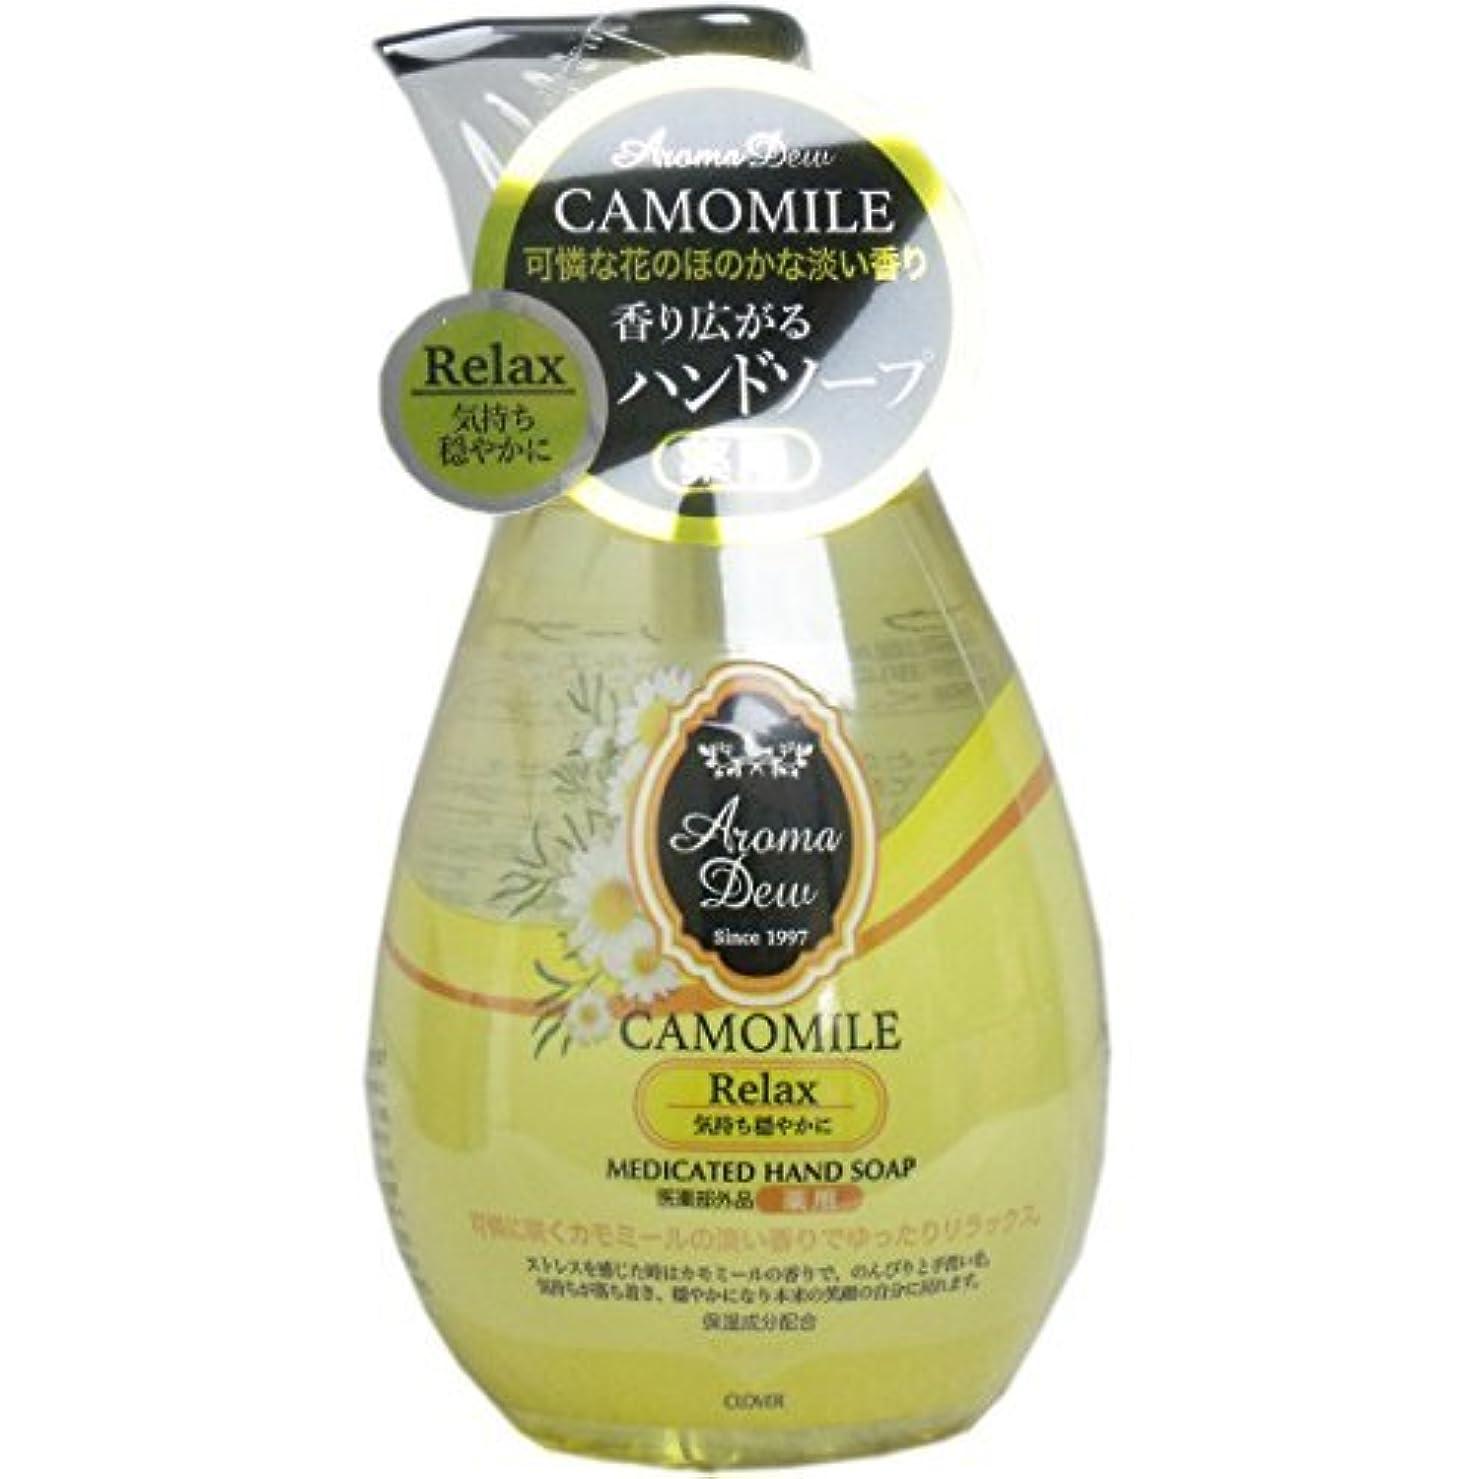 無し枯れる順応性薬用アロマデュウ ハンドソープ カモミールの香り 260mL